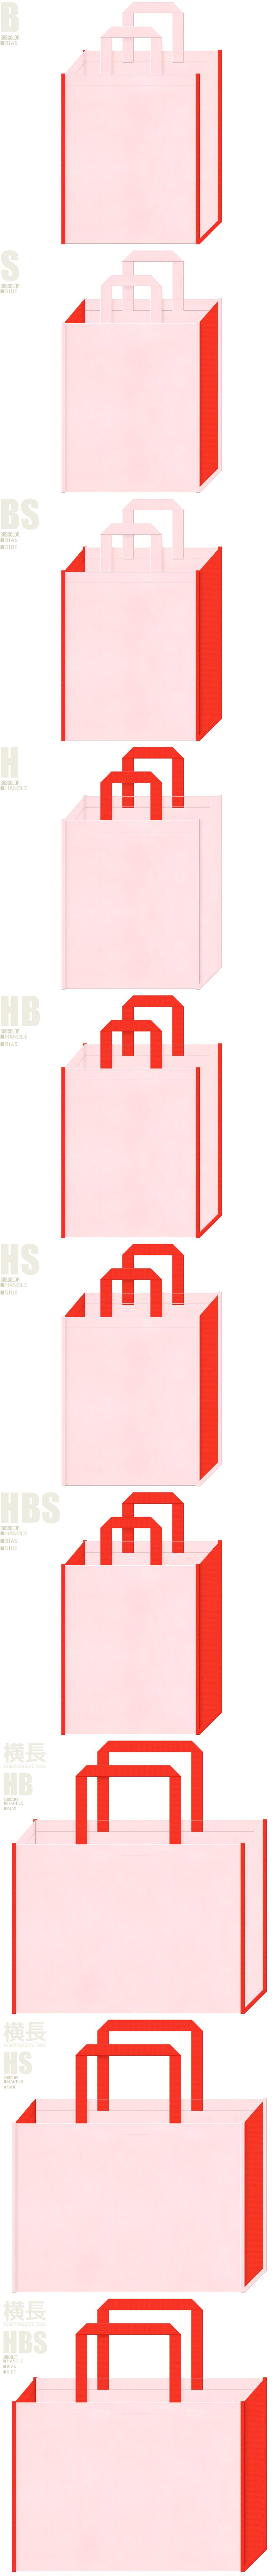 桜色とオレンジ色、7パターンの不織布トートバッグ配色デザイン例。